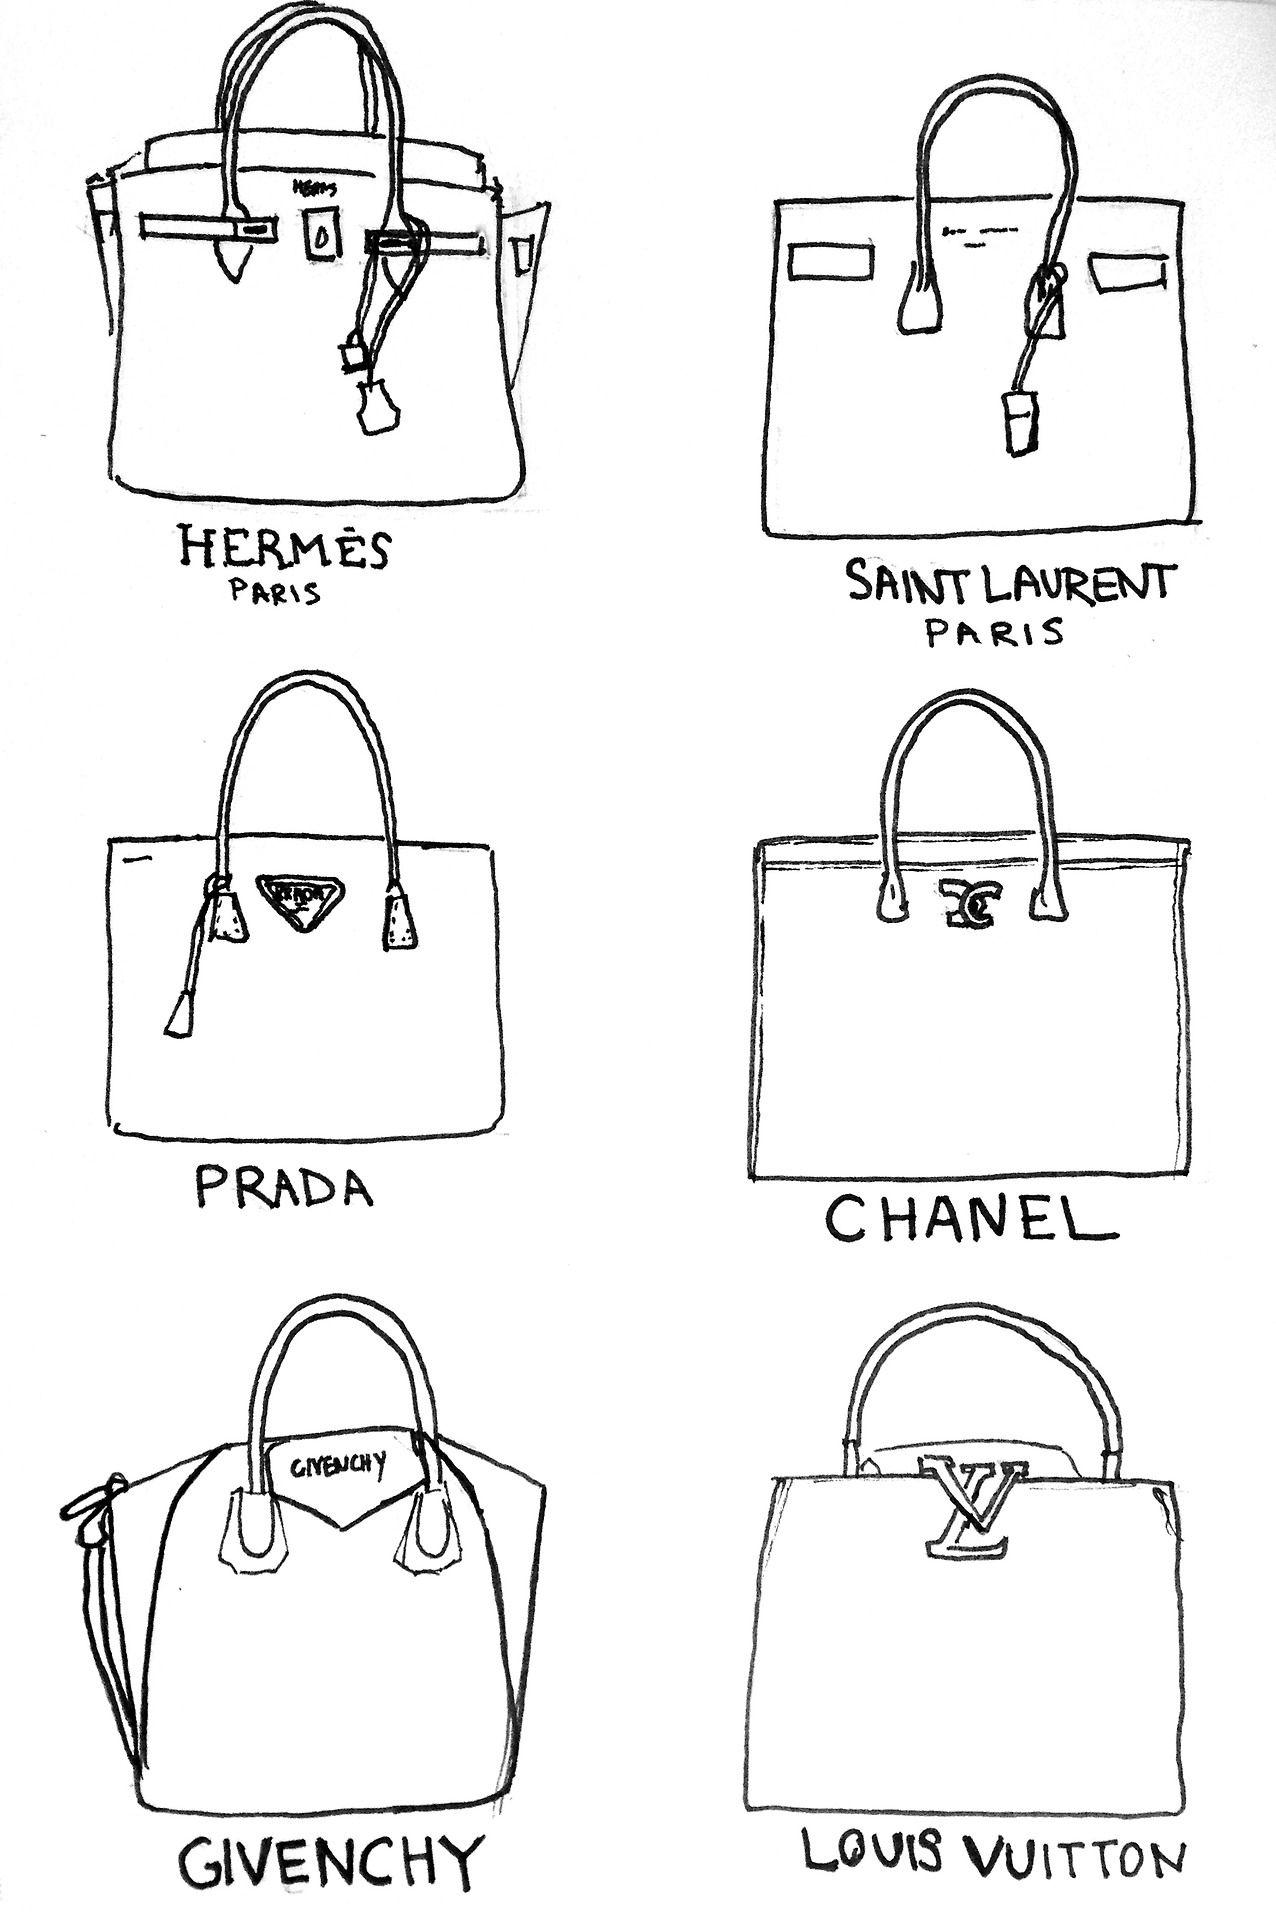 Hermes   Saint Laurent   Prada   Chanel   Givenchy   Louis Vuitton   Andrea.Puente